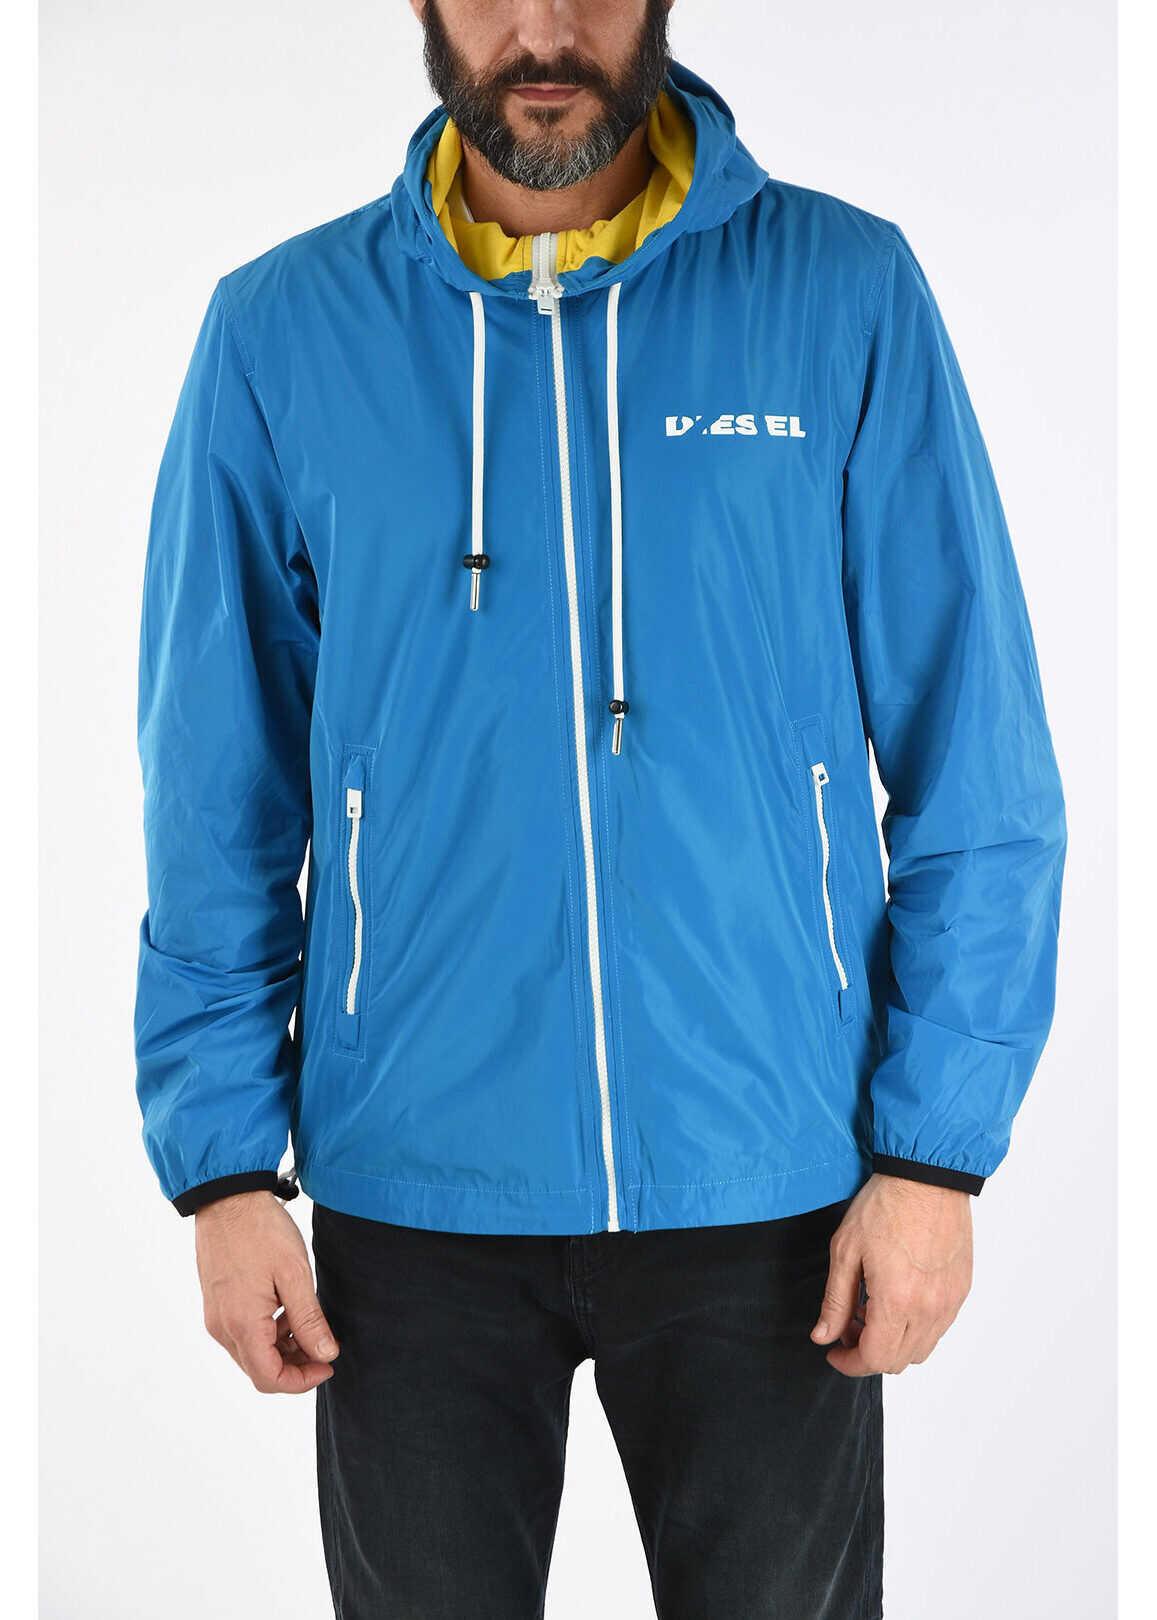 Diesel Hooded J-PHOEN-PLAIN-BRO Waterproof Jacket BLUE imagine